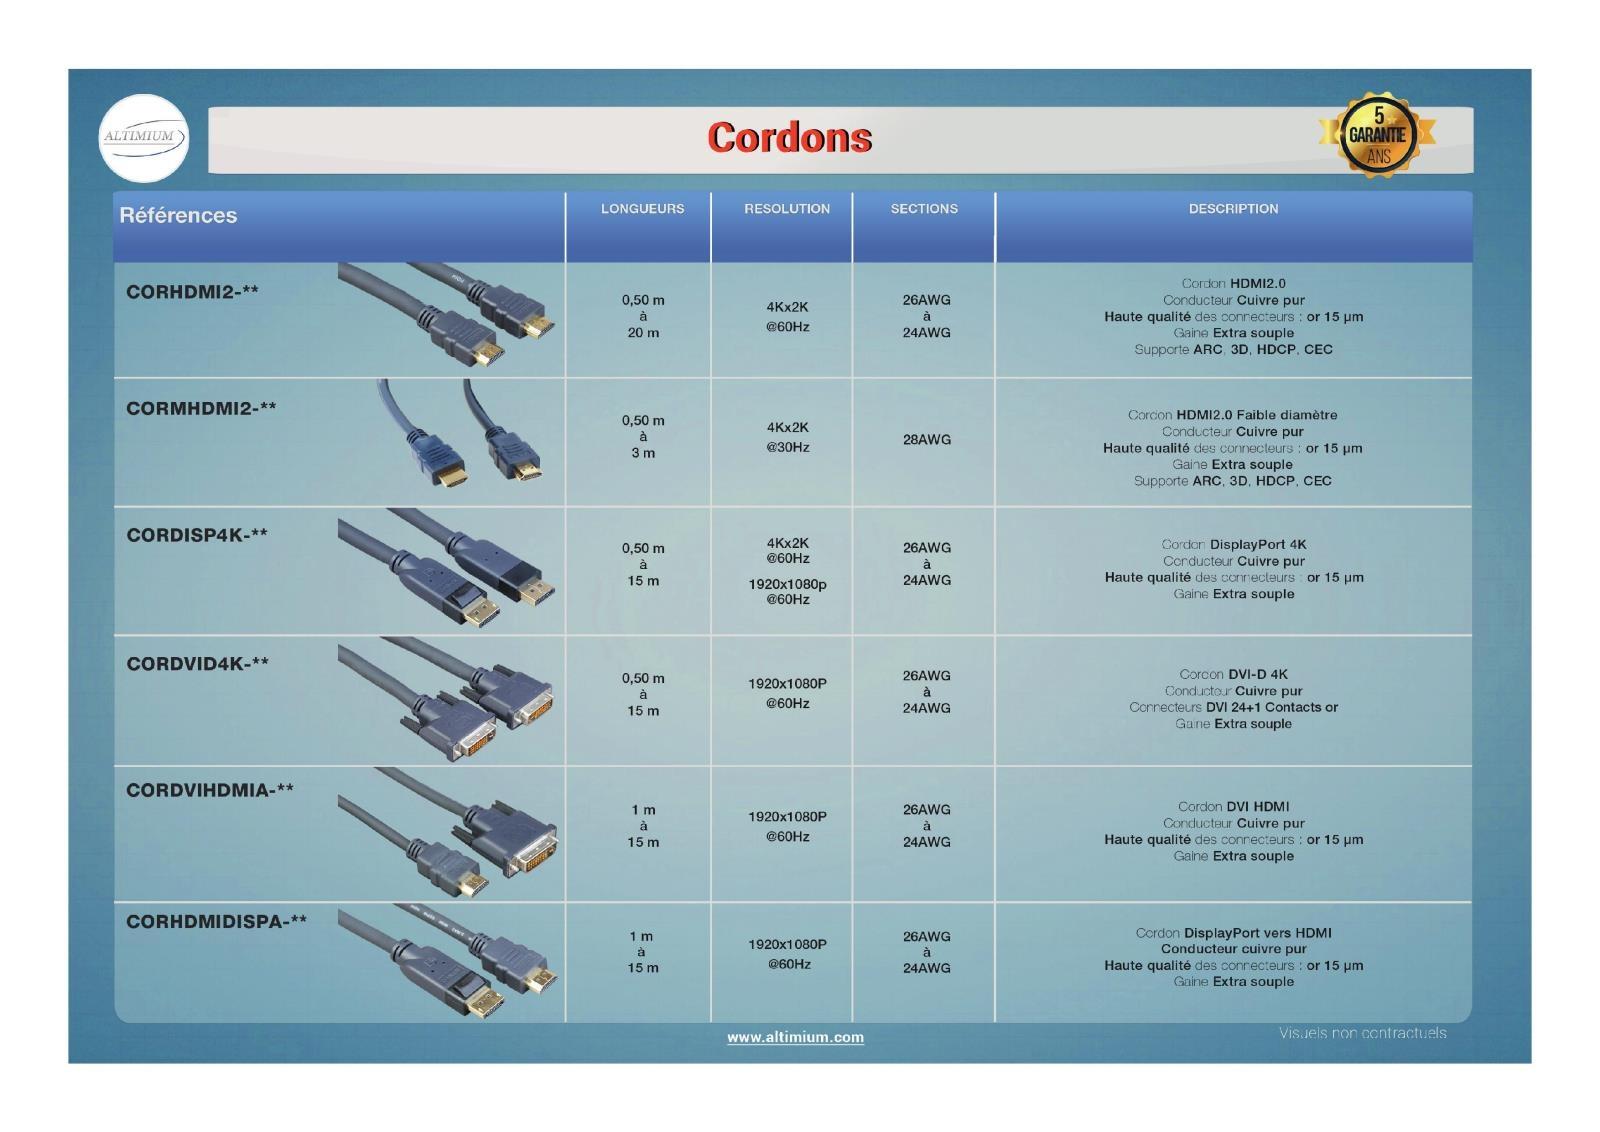 tableau comparaison Cordons Altimium